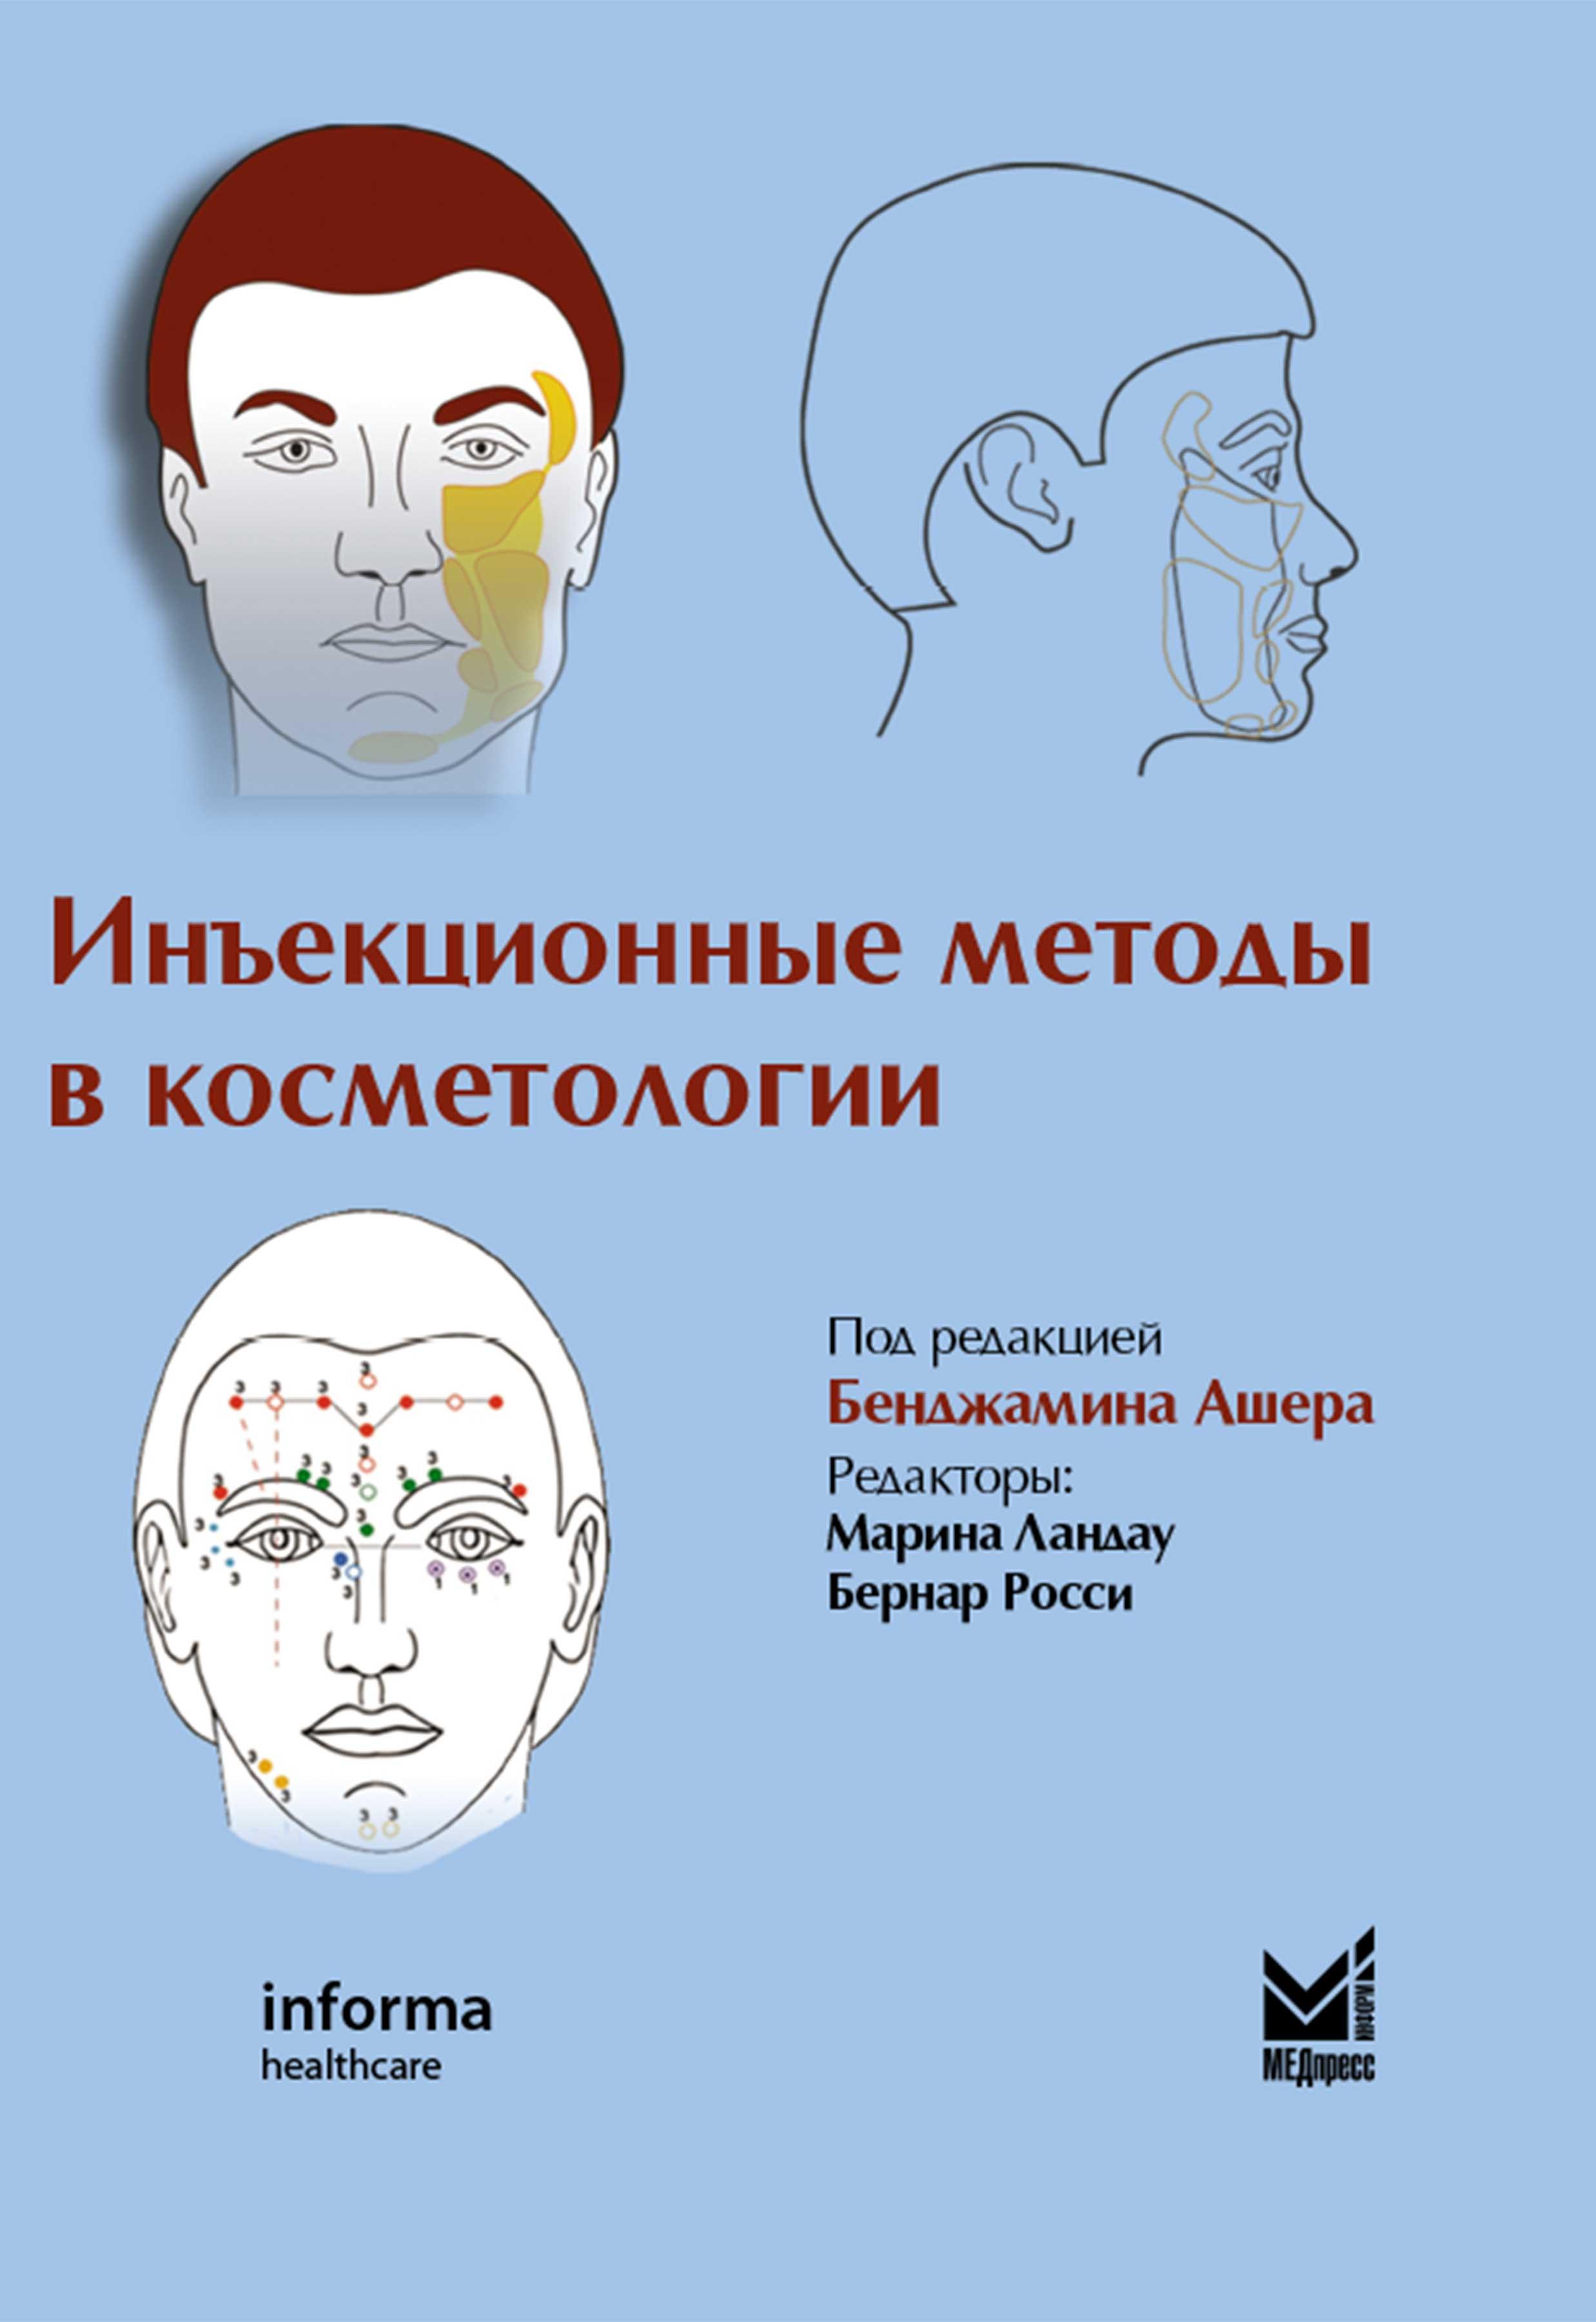 Инъекционные методы в косметологии.